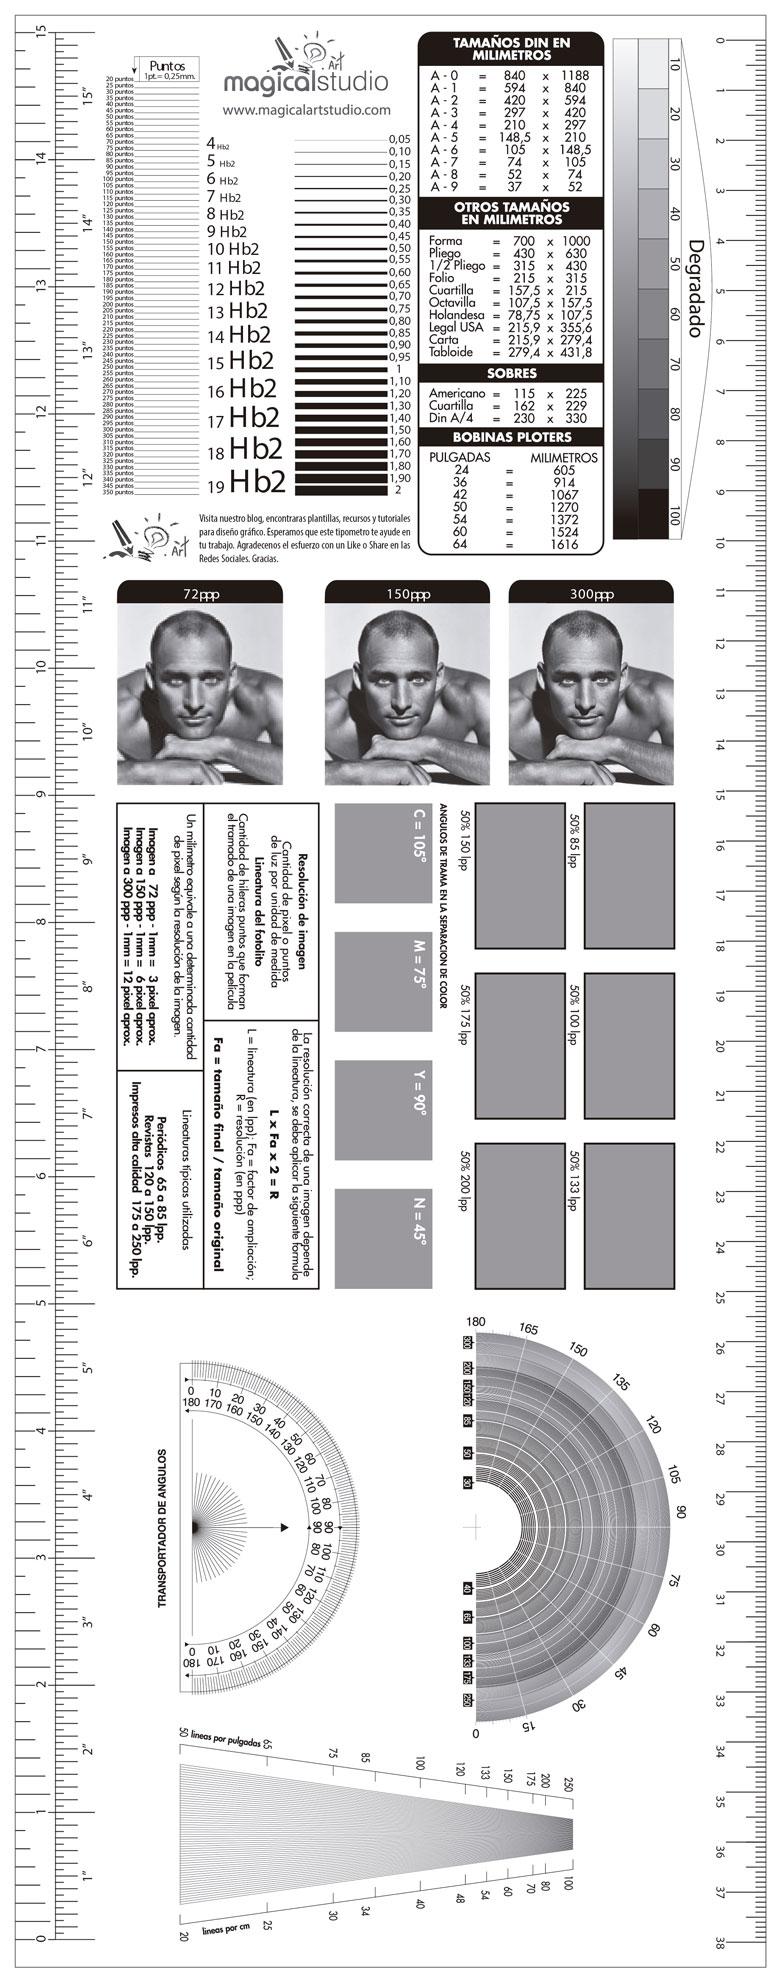 Descarga Plantilla Tipómetro y Lineómetro Gratis Illustrator ...